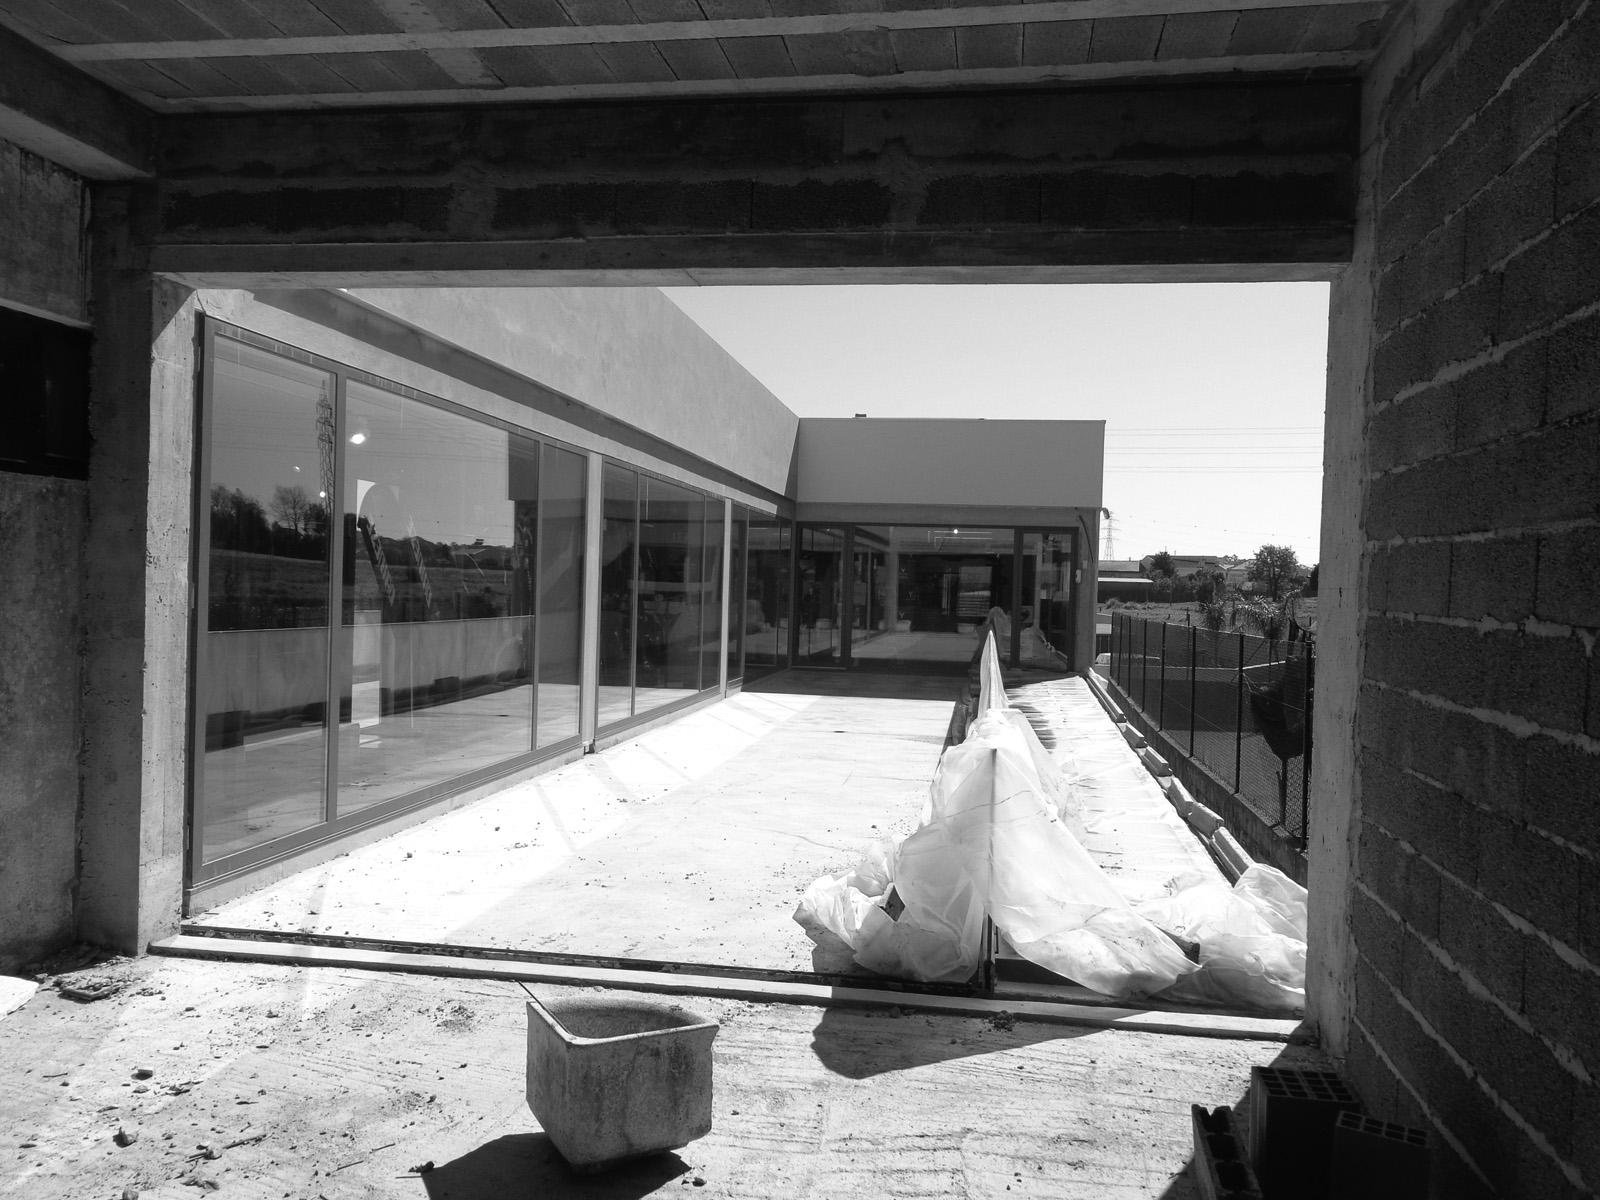 Grupo Antero Motos - Em Construção - Vila Nova de Gaia - EVA evolutionary architecture - Arquitectos Porto (35).jpg